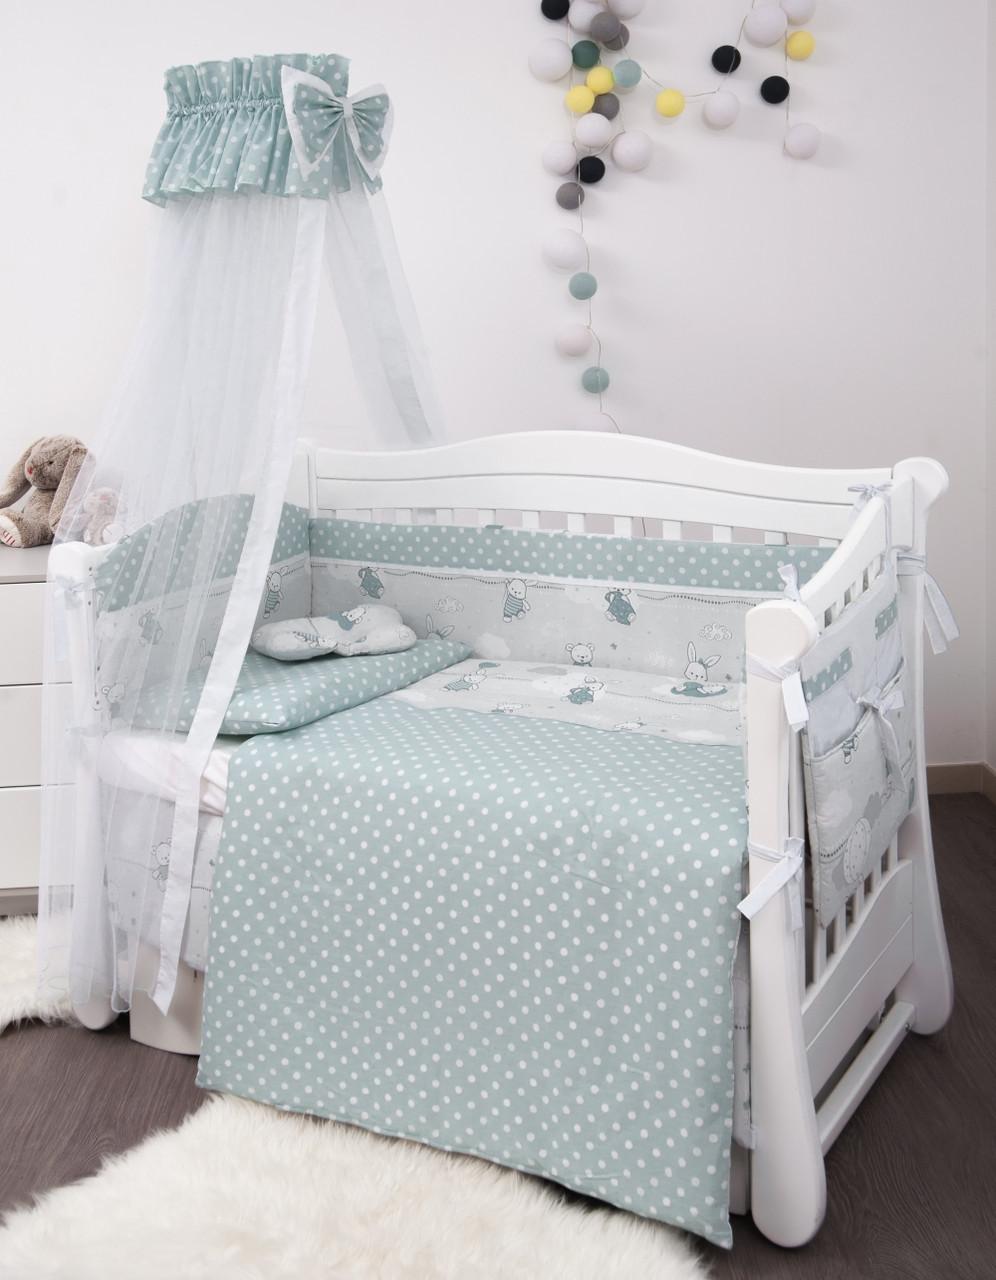 Детская постель Twins Premium Modern Зайчата 9 предметов (P-104 Зайчики mint)